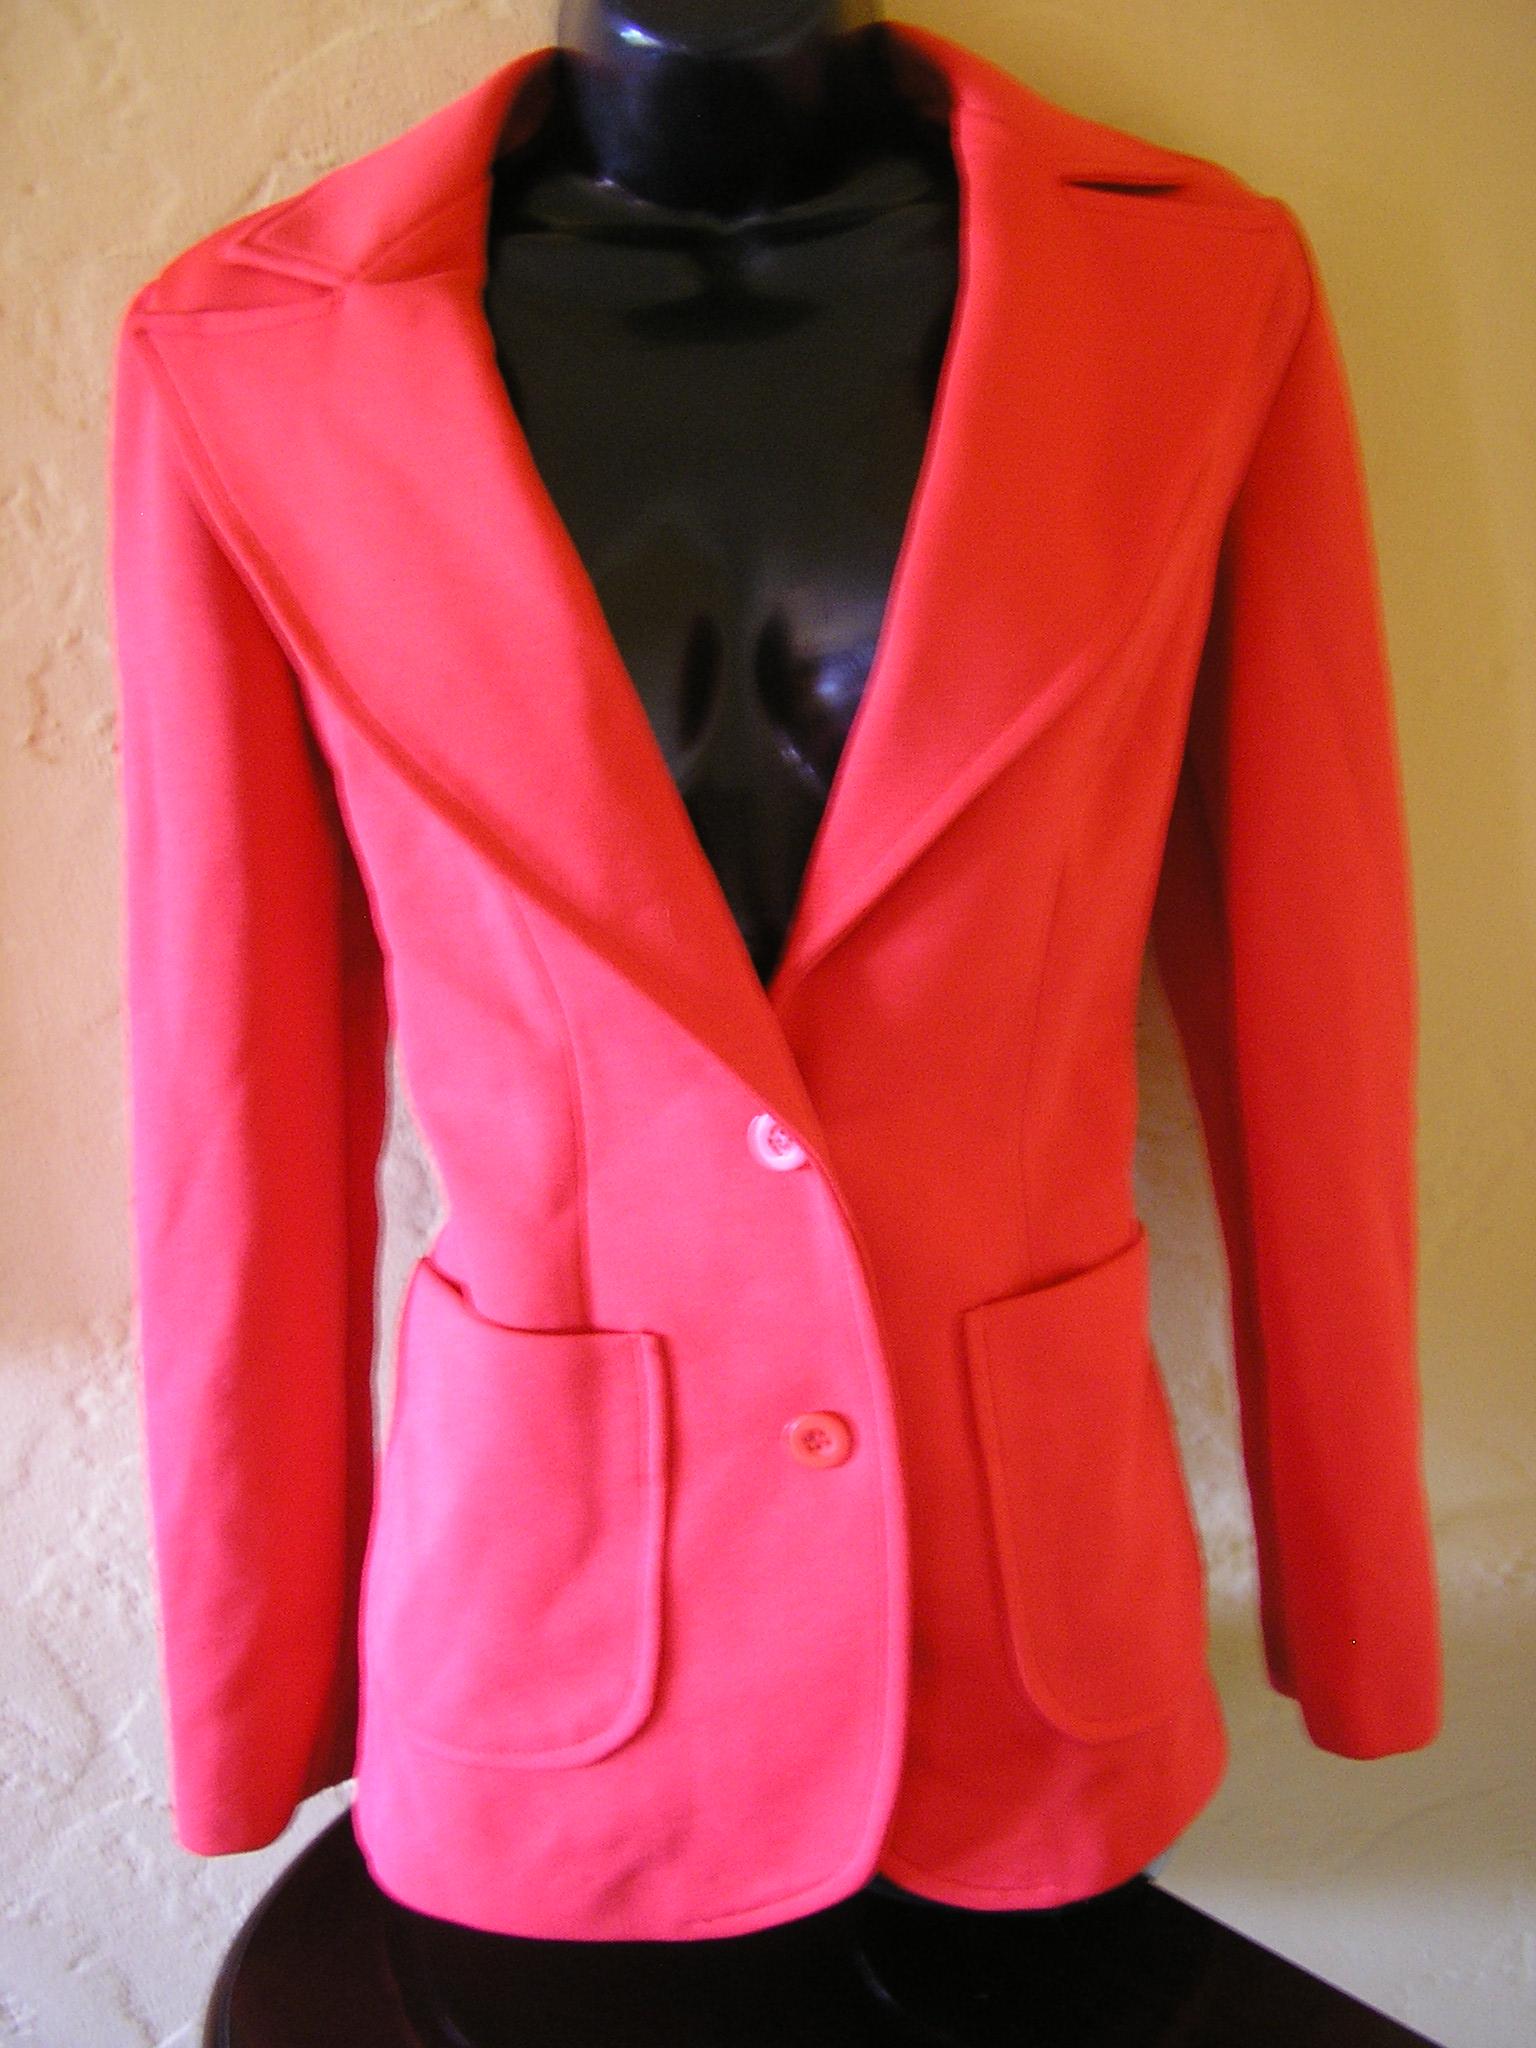 1970s orange polyester pam grier pants suit sz sma